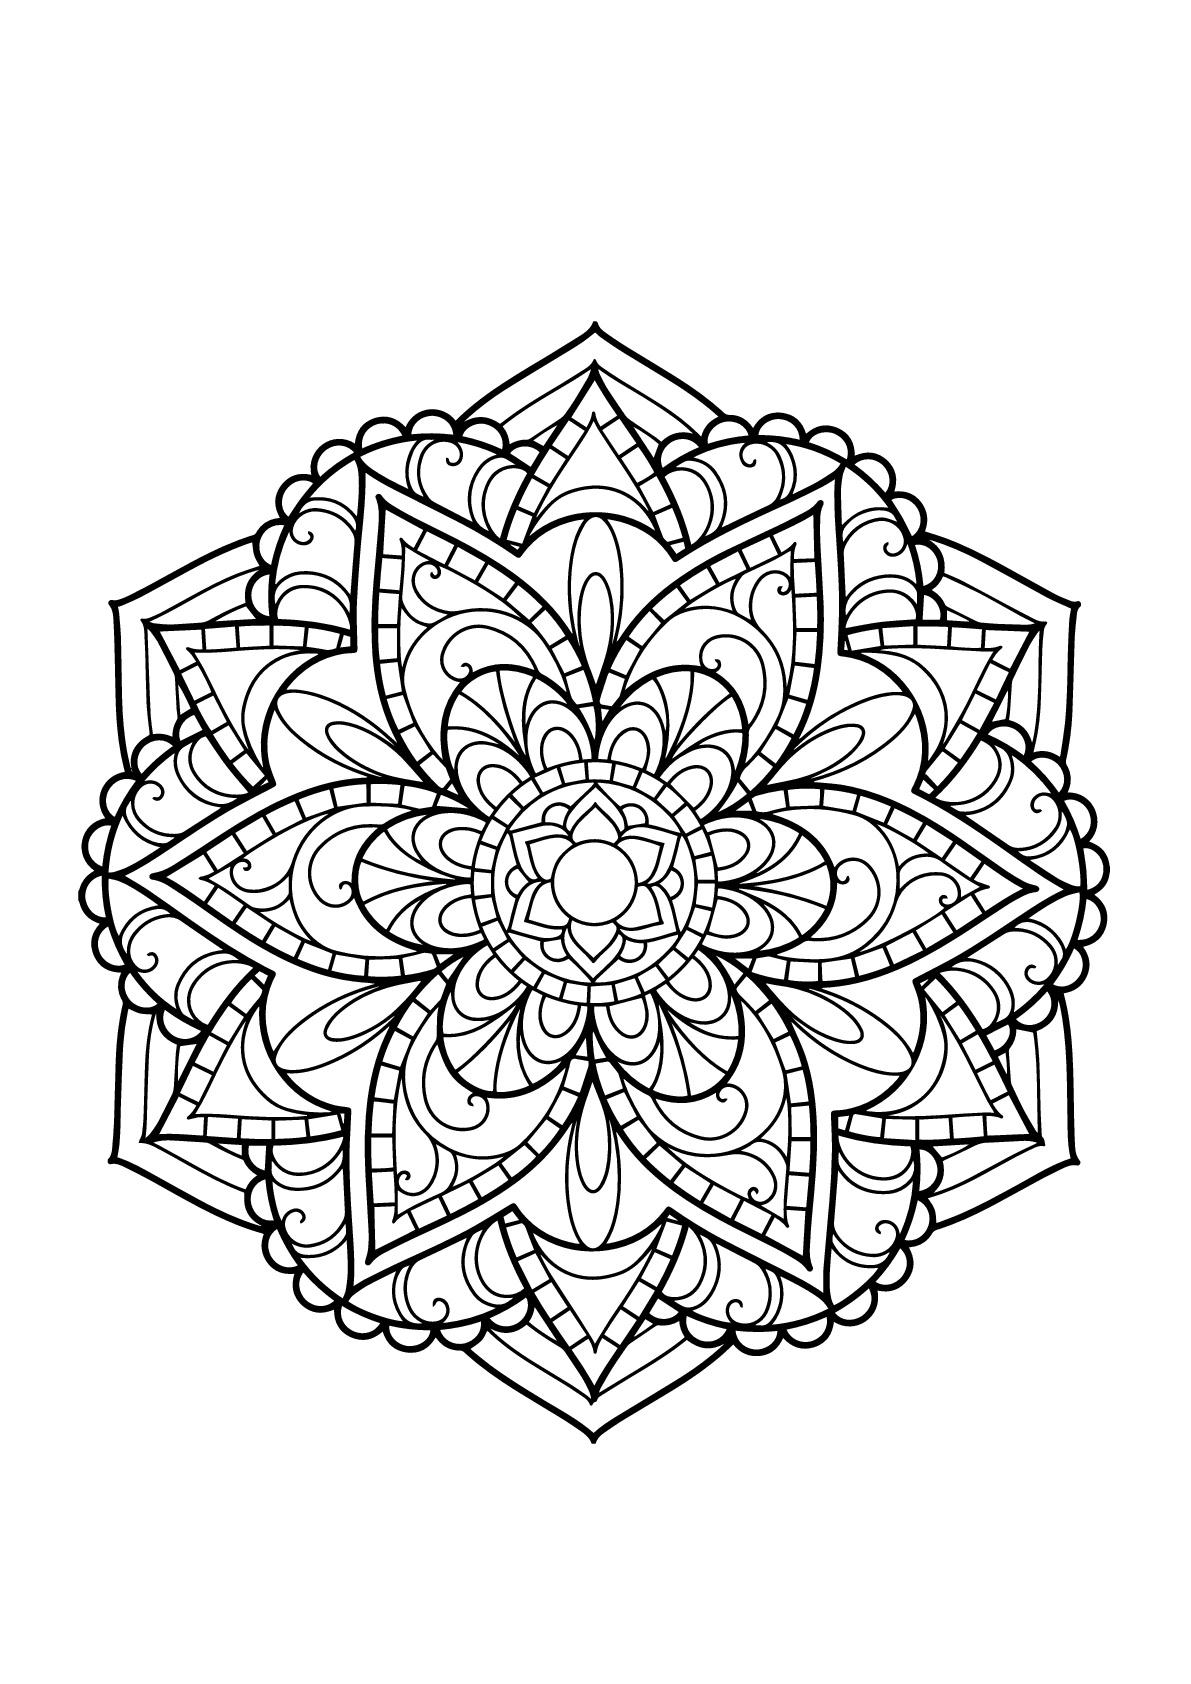 Mandala Livre Gratuit 15 - Mandalas - Coloriages tout Coloriage Mandala Adulte A Imprimer